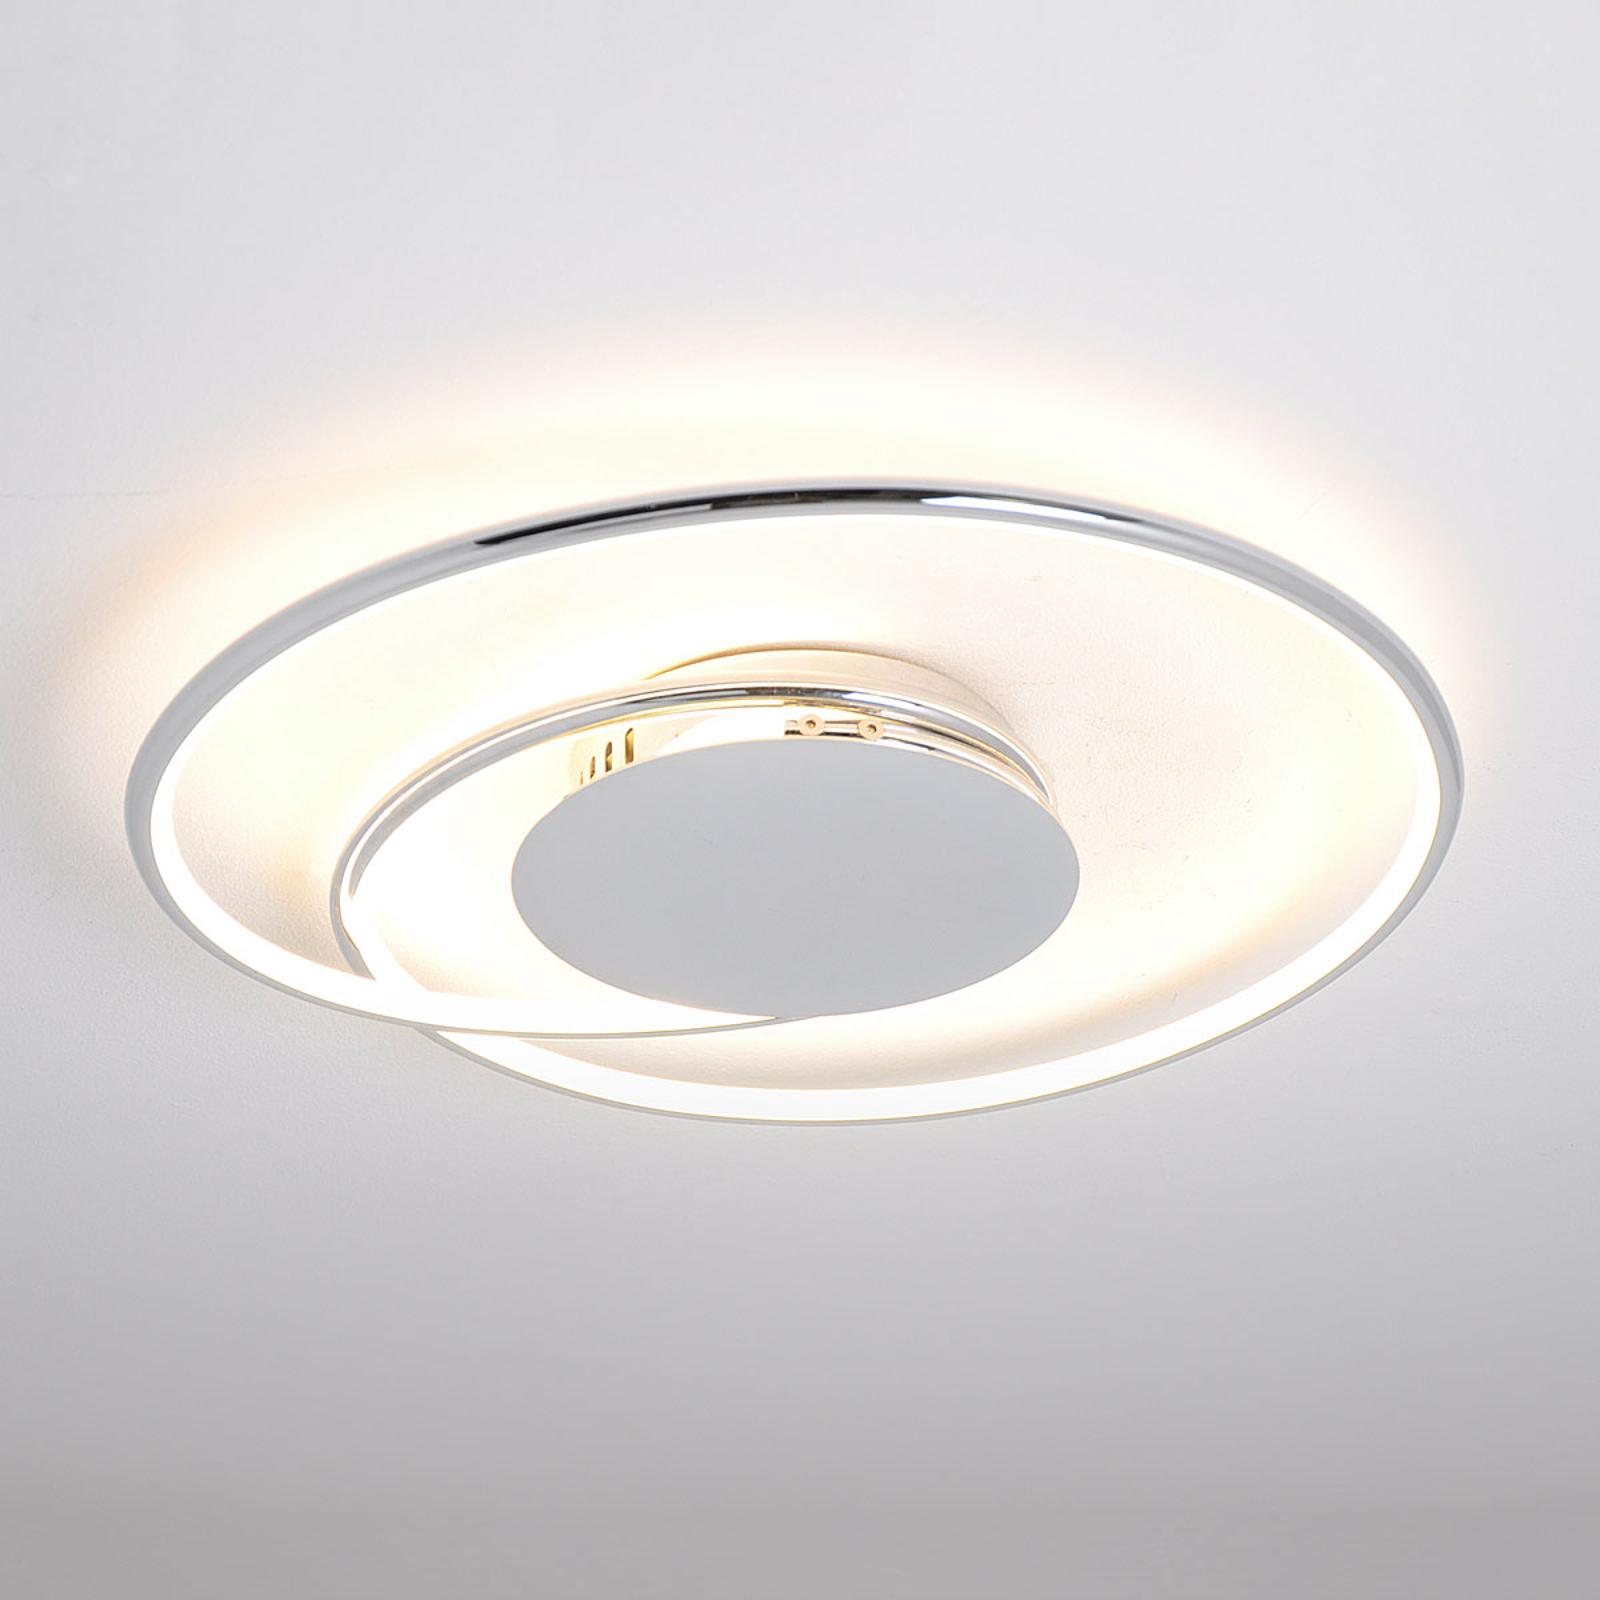 LED stropní svítidlo Joline, chrom, 46 cm